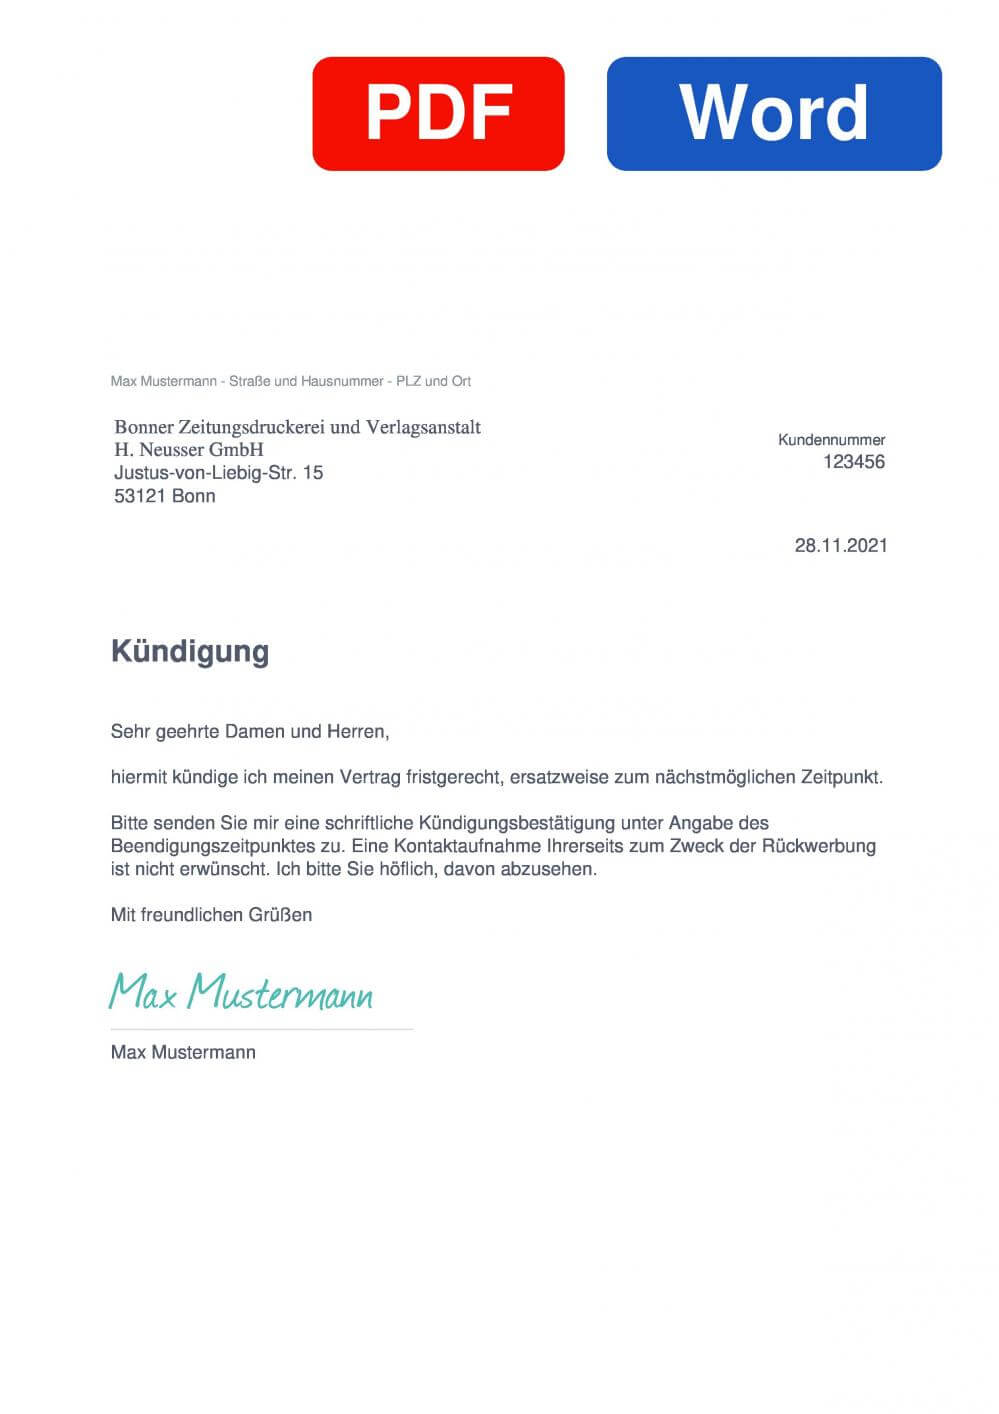 General Anzeiger Bonn Muster Vorlage für Kündigungsschreiben